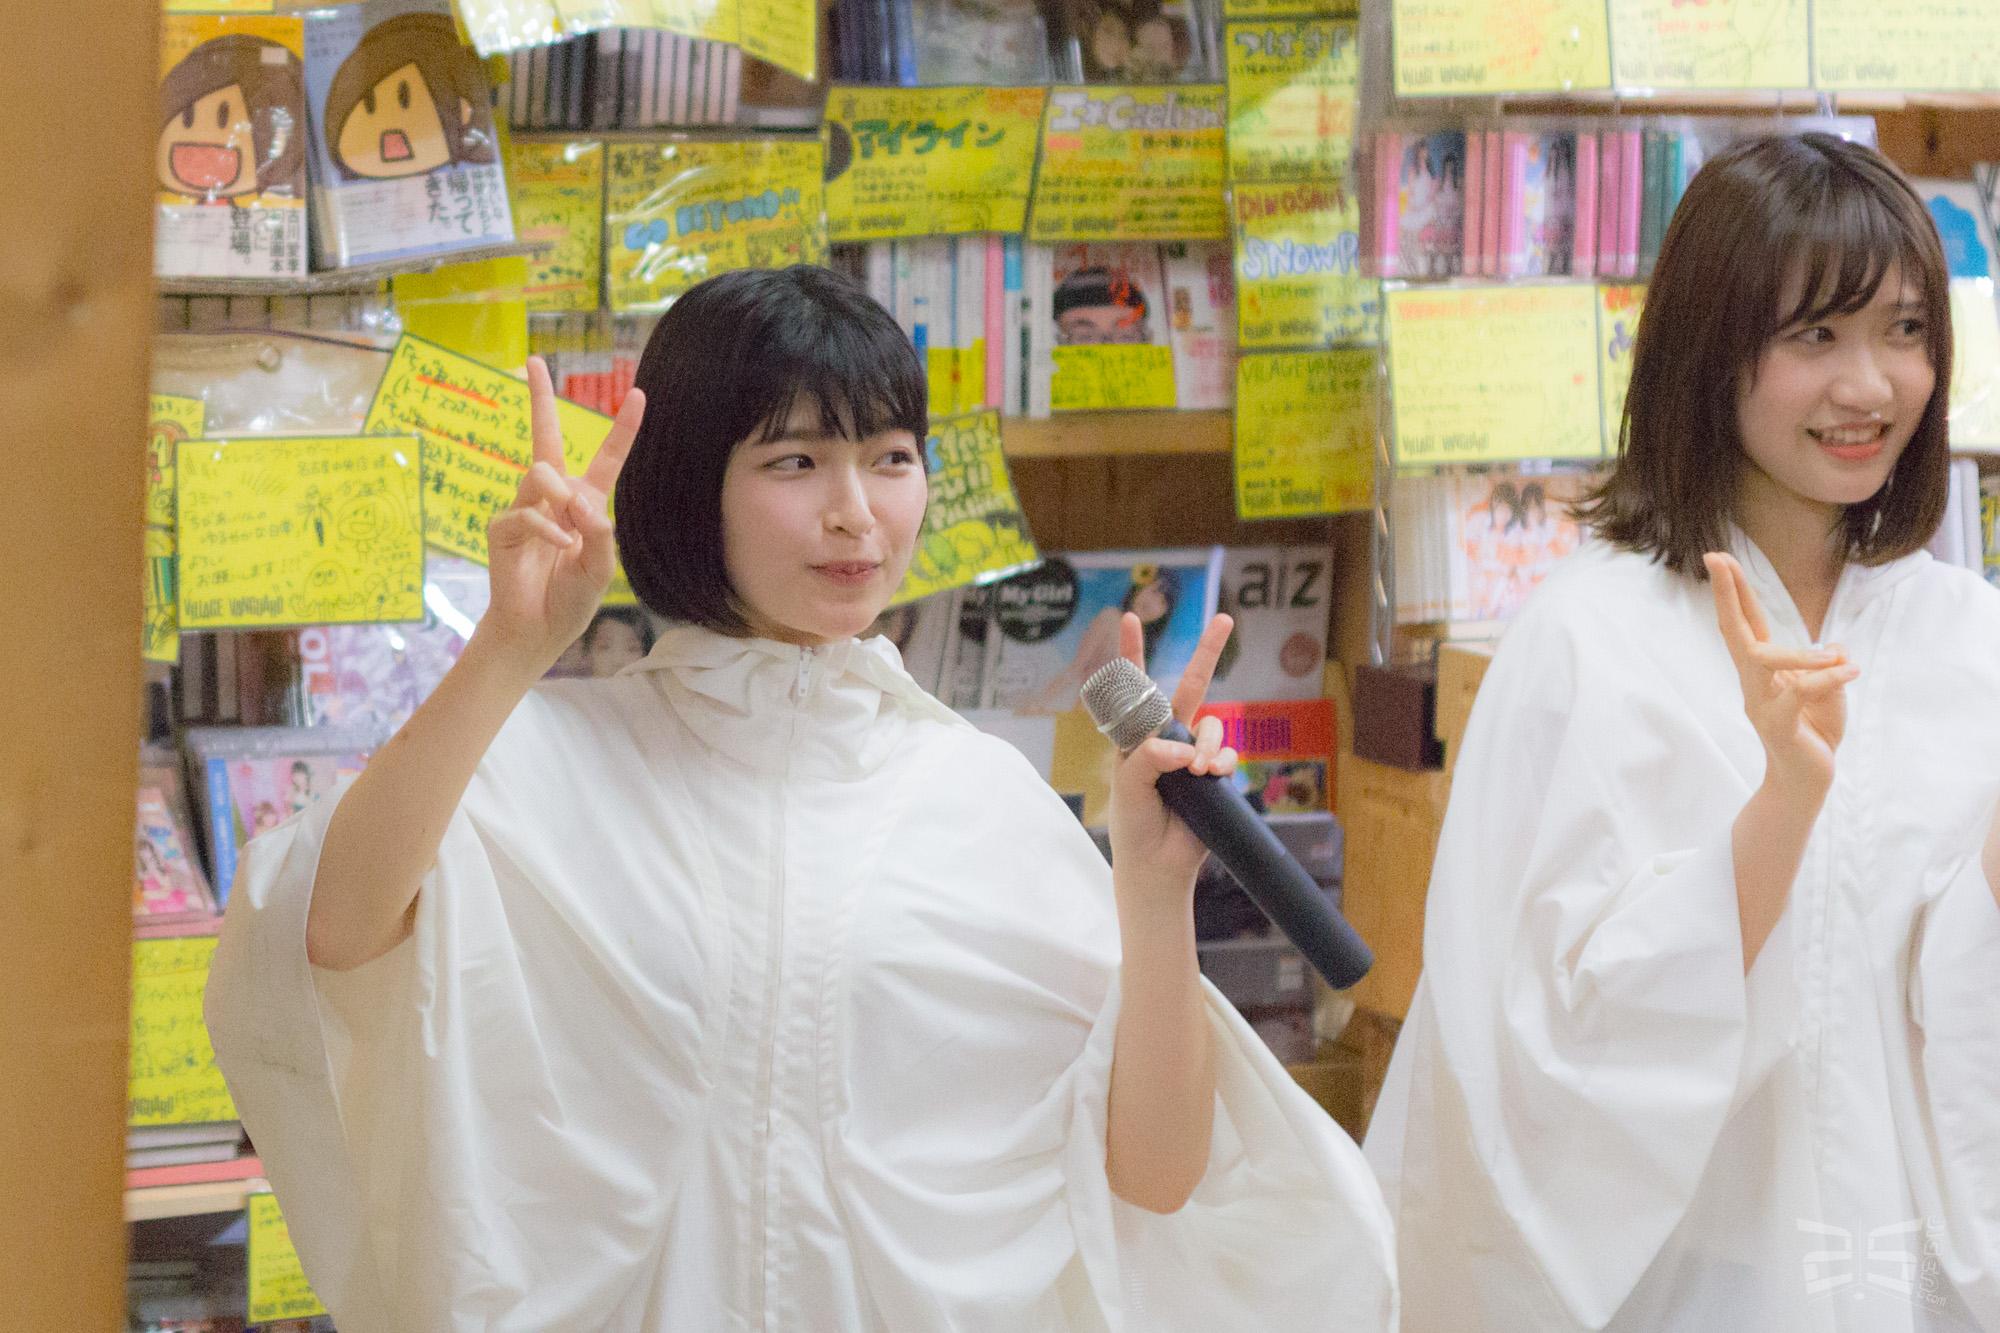 矢川葵 Maison book girl リリイベ in 名古屋 2018/6/9